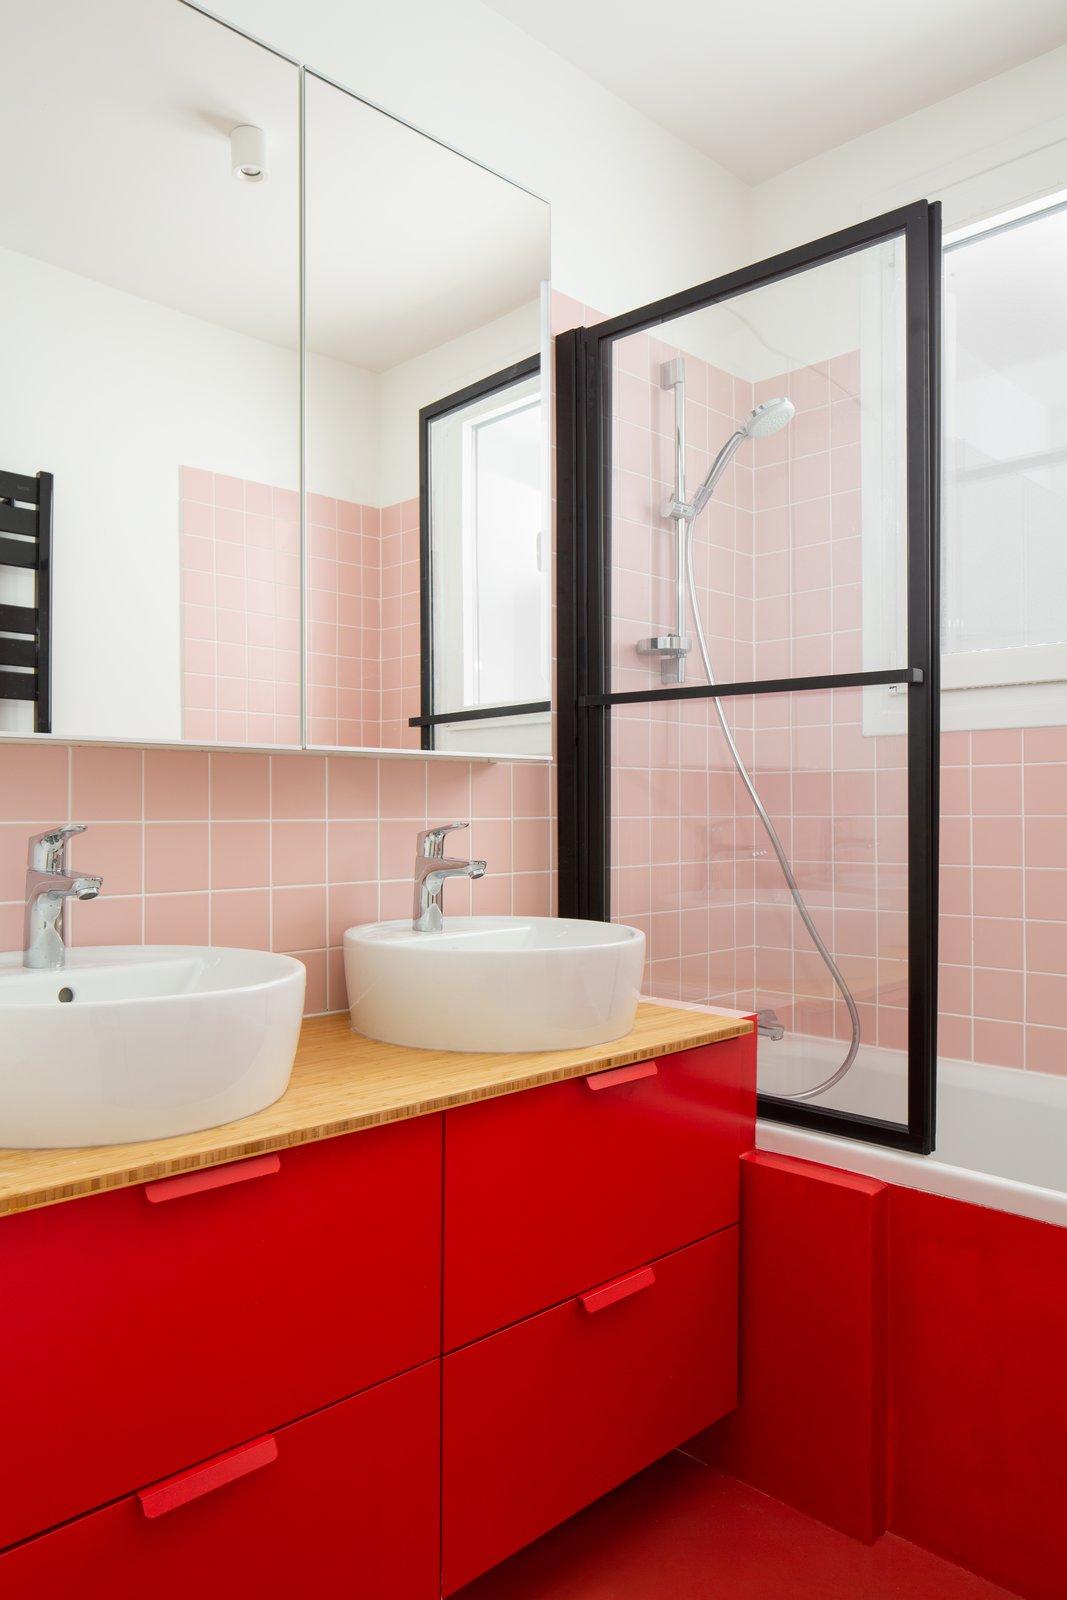 Atelier Pierre-Louis Gerlier apartment conversion  bathroom